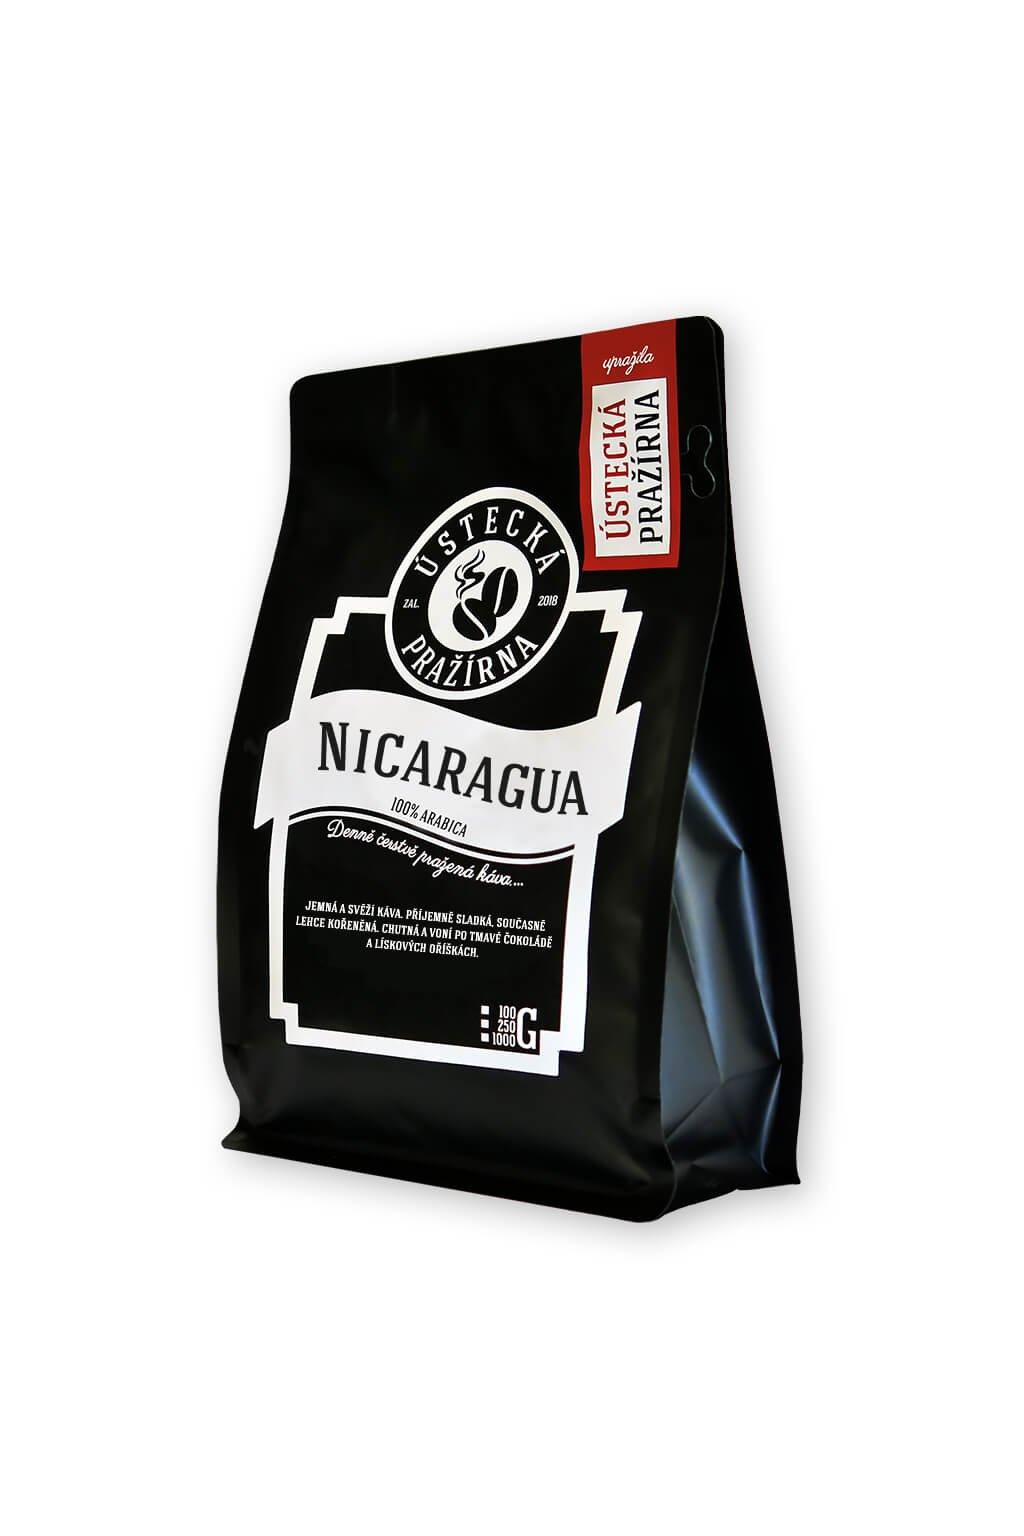 01 01 13 01 nicaragua shg